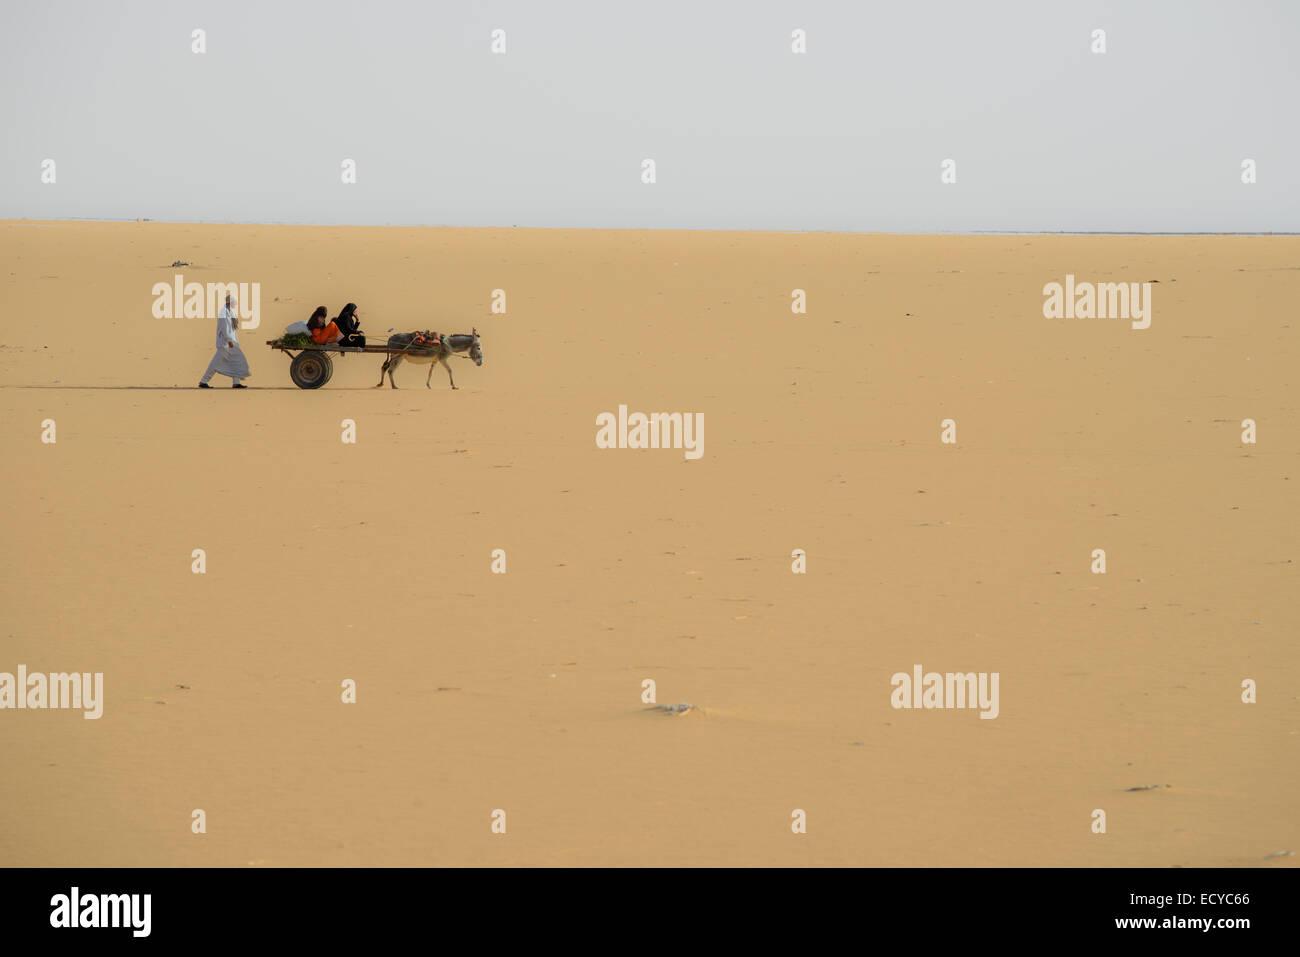 Family riding on donkey across the Sahara desert, Egypt - Stock Image